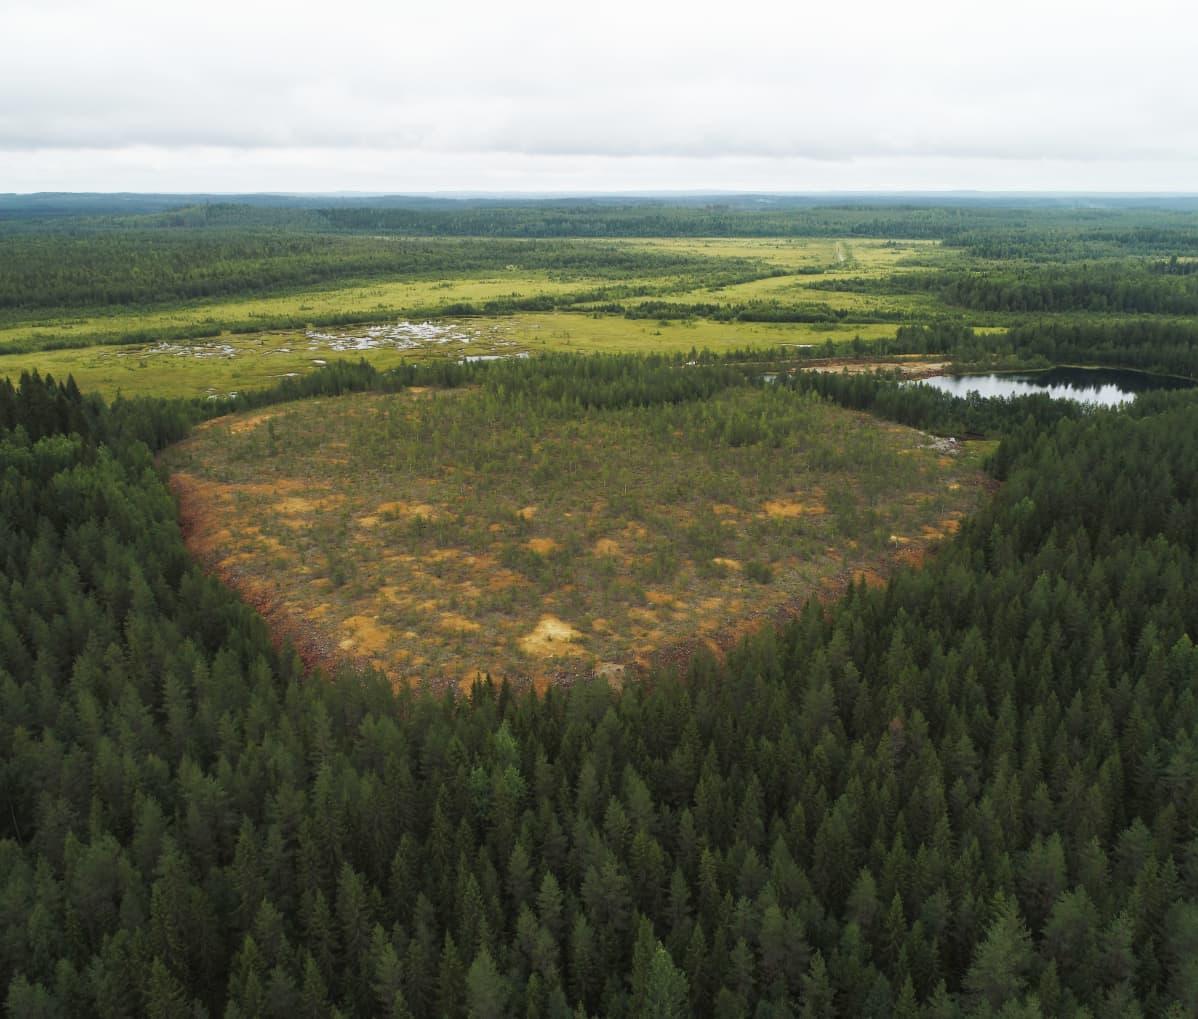 Ilmakuva Kangasjärven kaivosalueen ympäristövaikutuksista